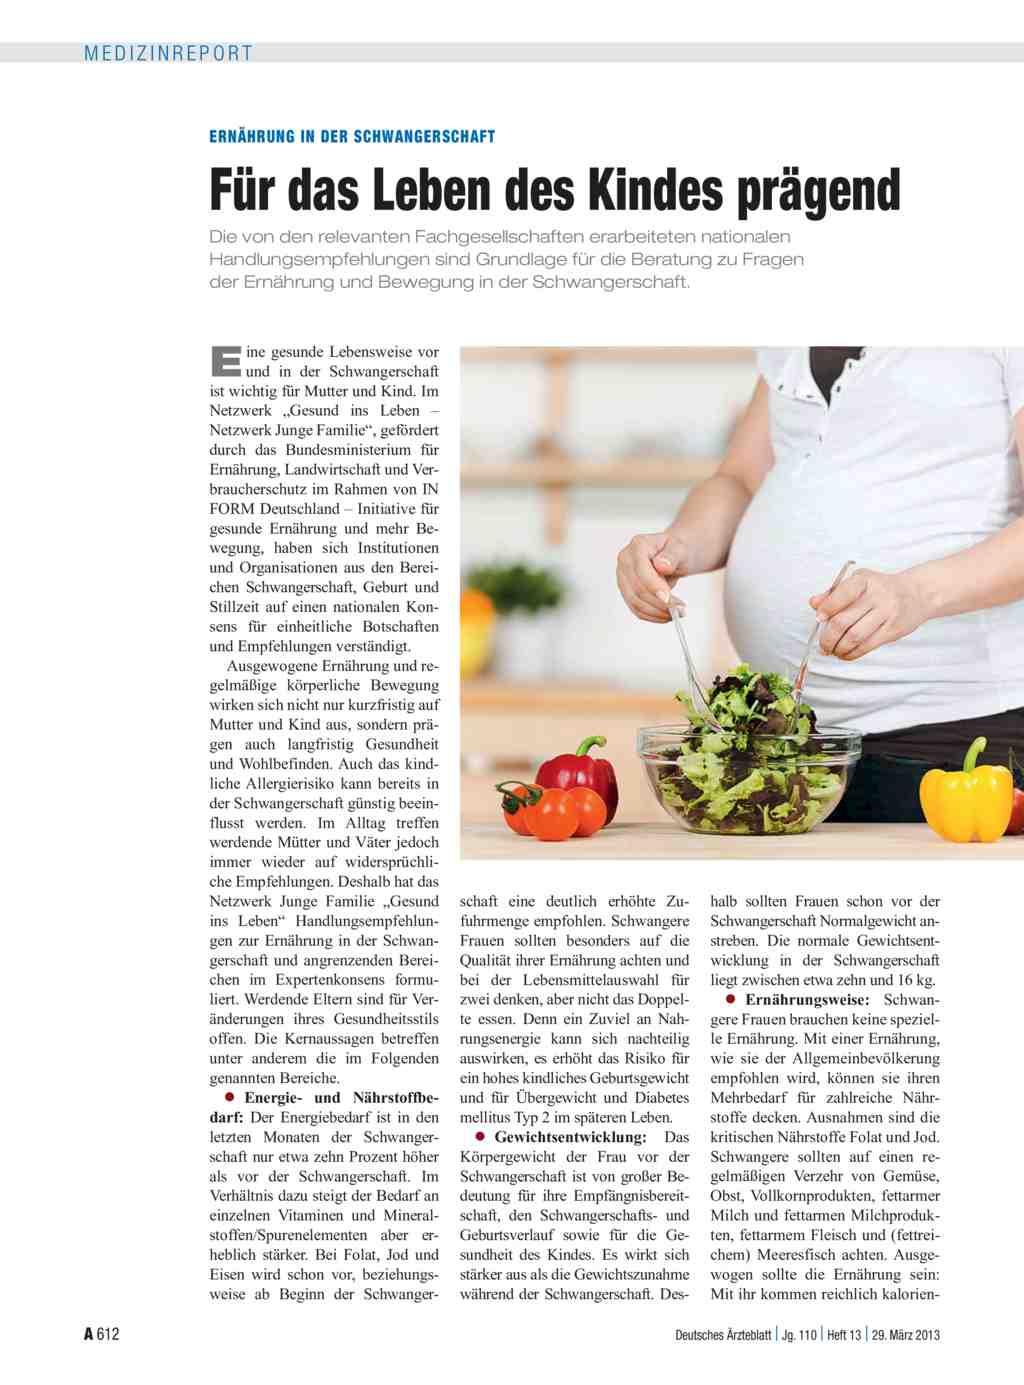 Welche Diät sollte ich in der Schwangerschaft befolgen